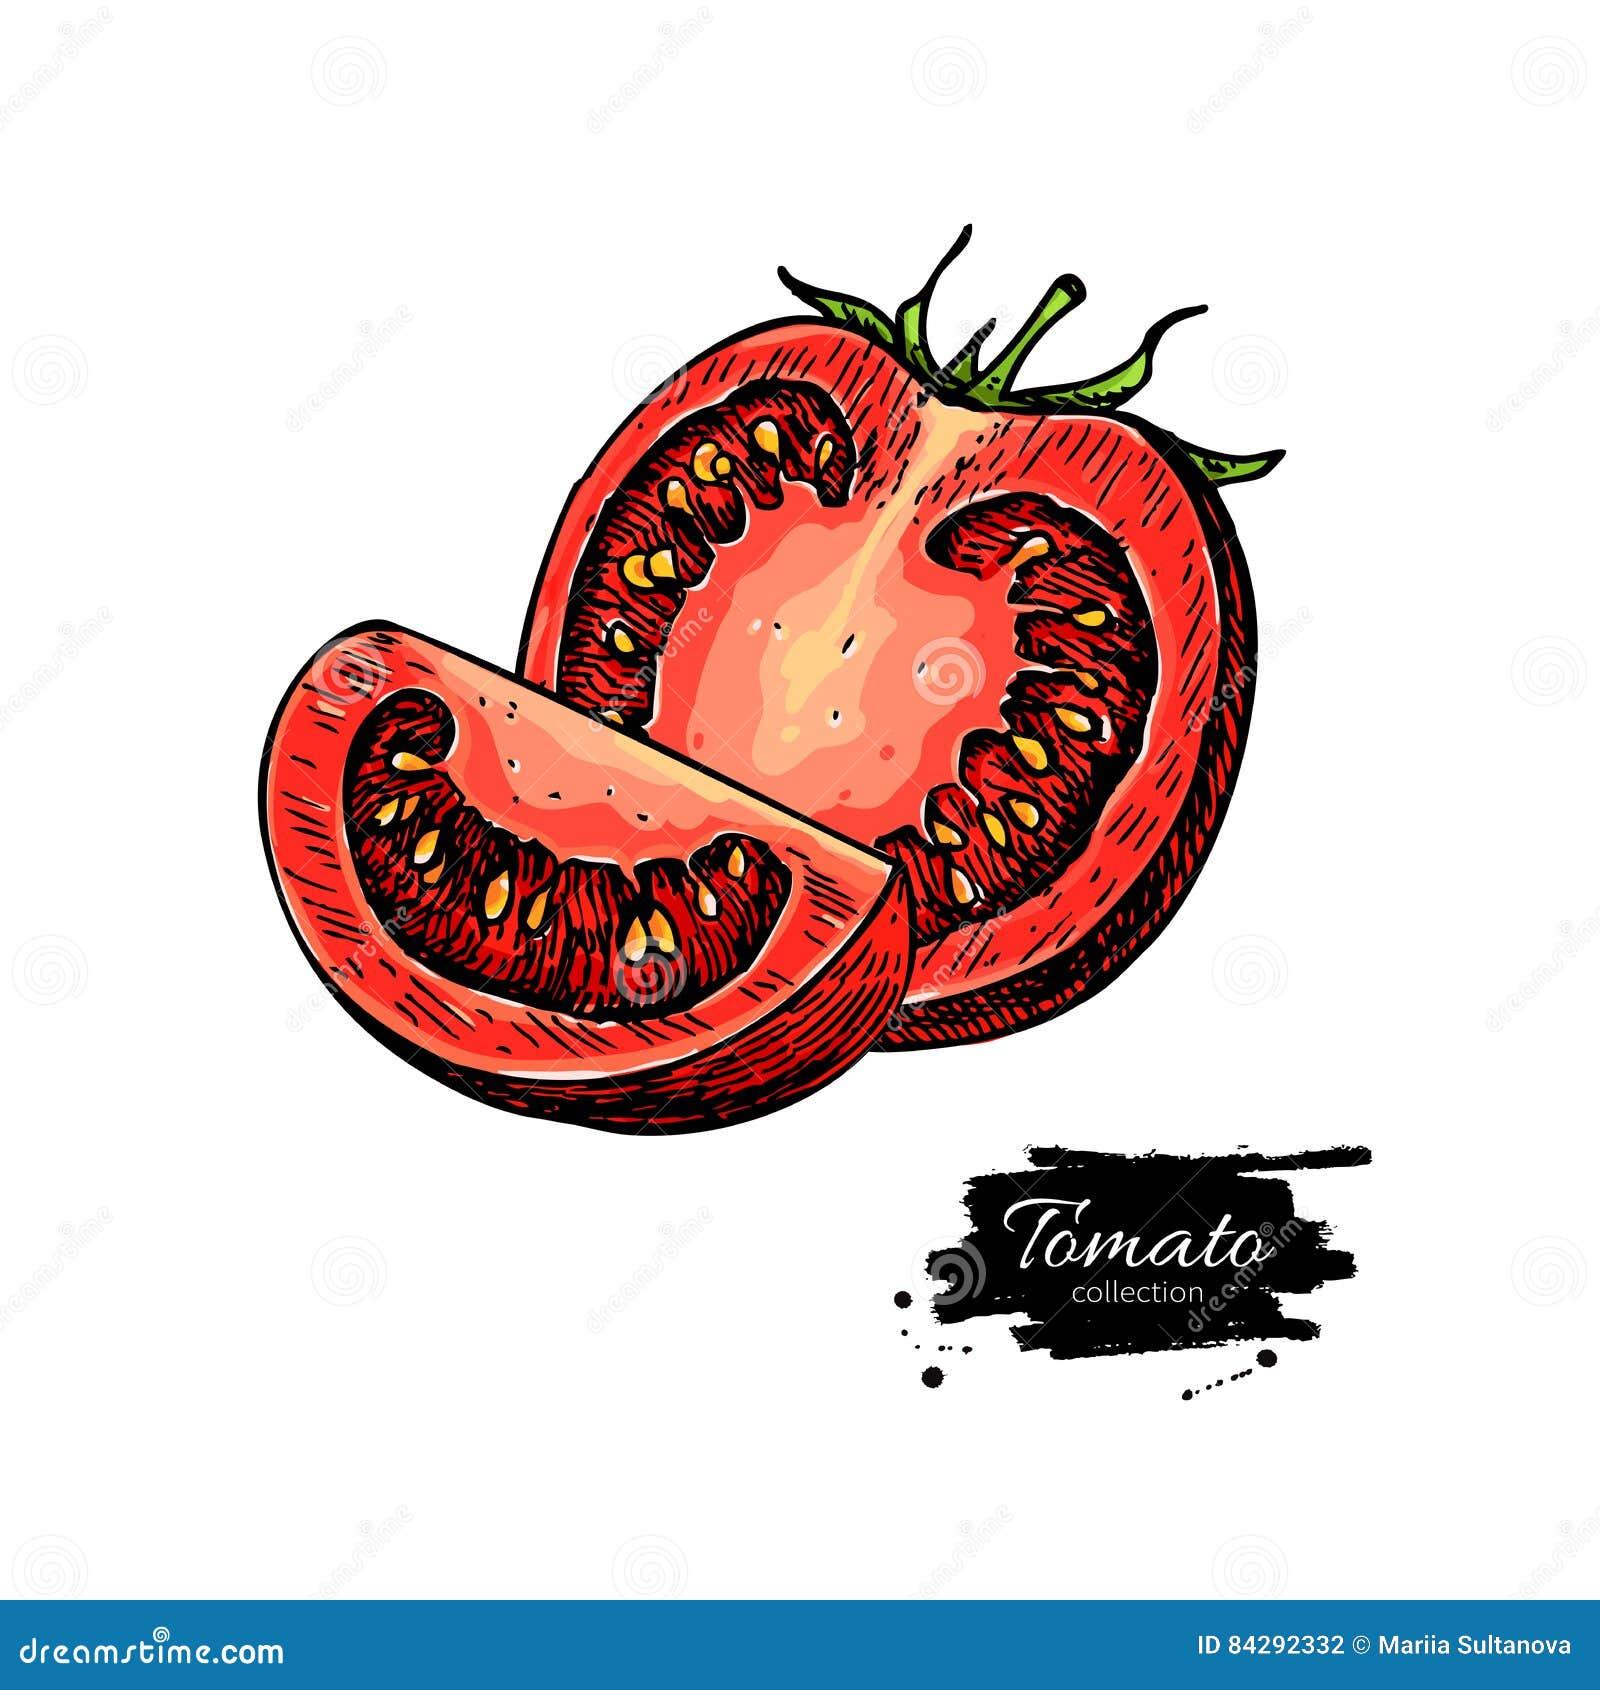 Dessin de vecteur de tomate tomate d 39 isolement et morceau d coup en tranches l gume - Dessin de tomate ...